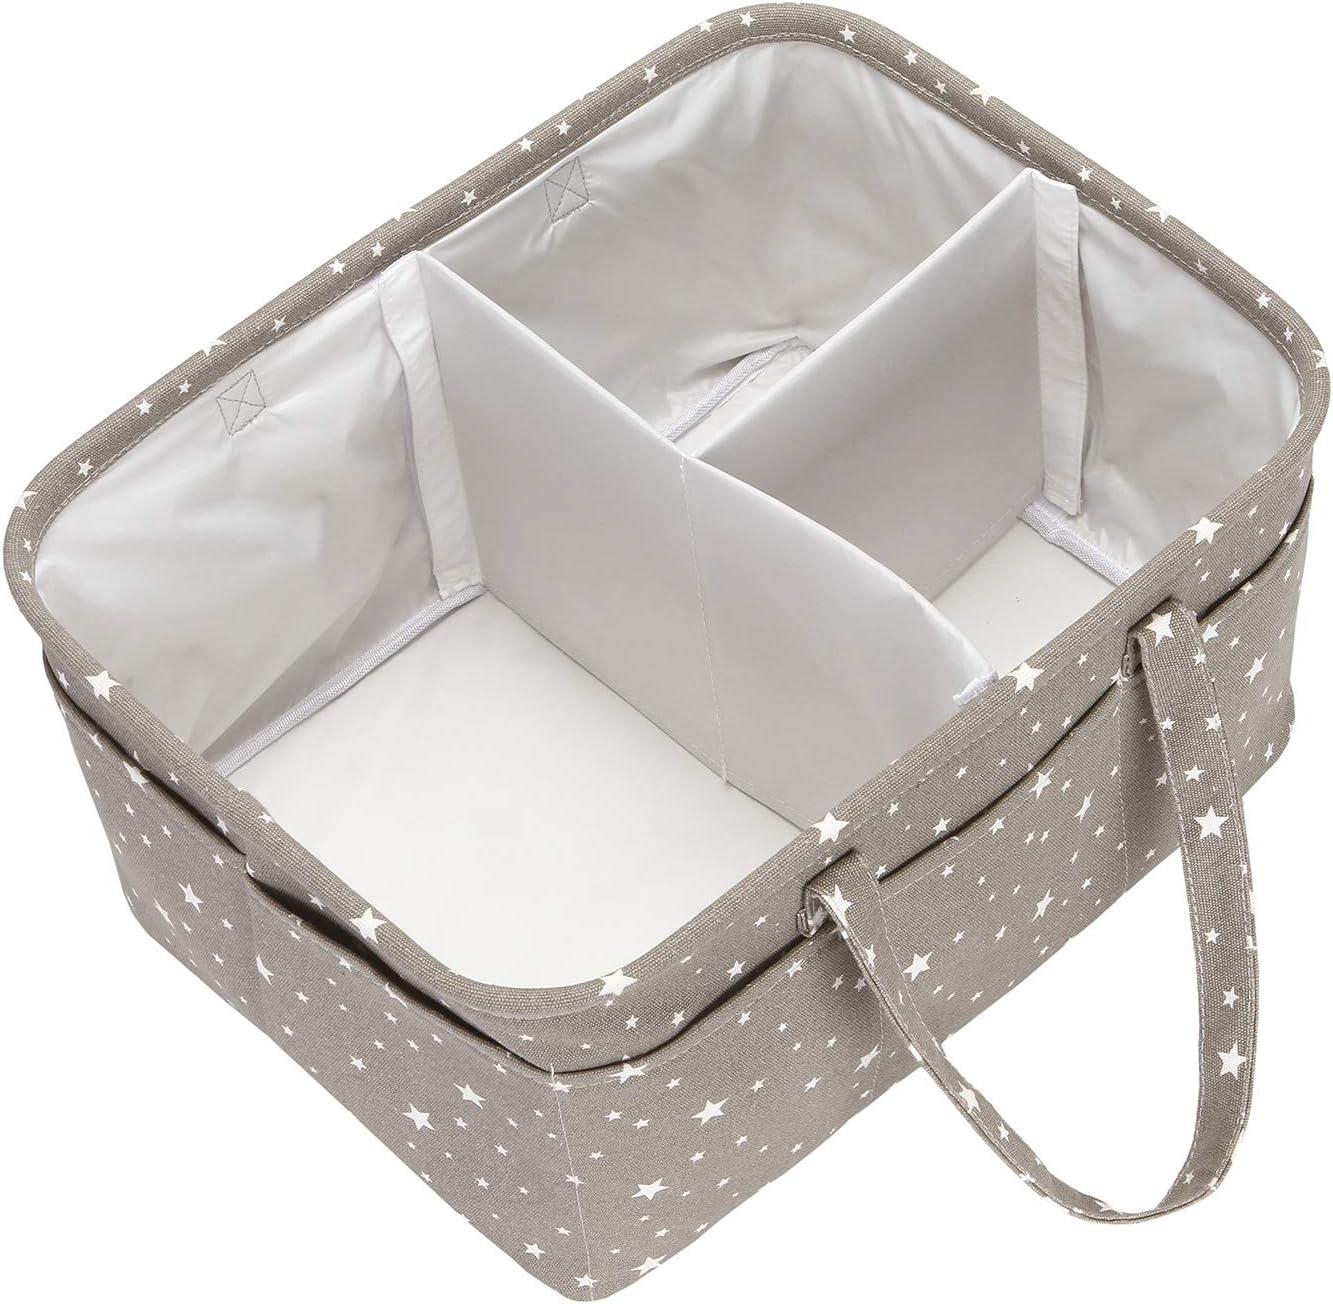 Hinwo Panier /à couches pour b/éb/é 3 compartiments avec s/éparateur amovible et 19 poches invisibles pour couches et lingettes